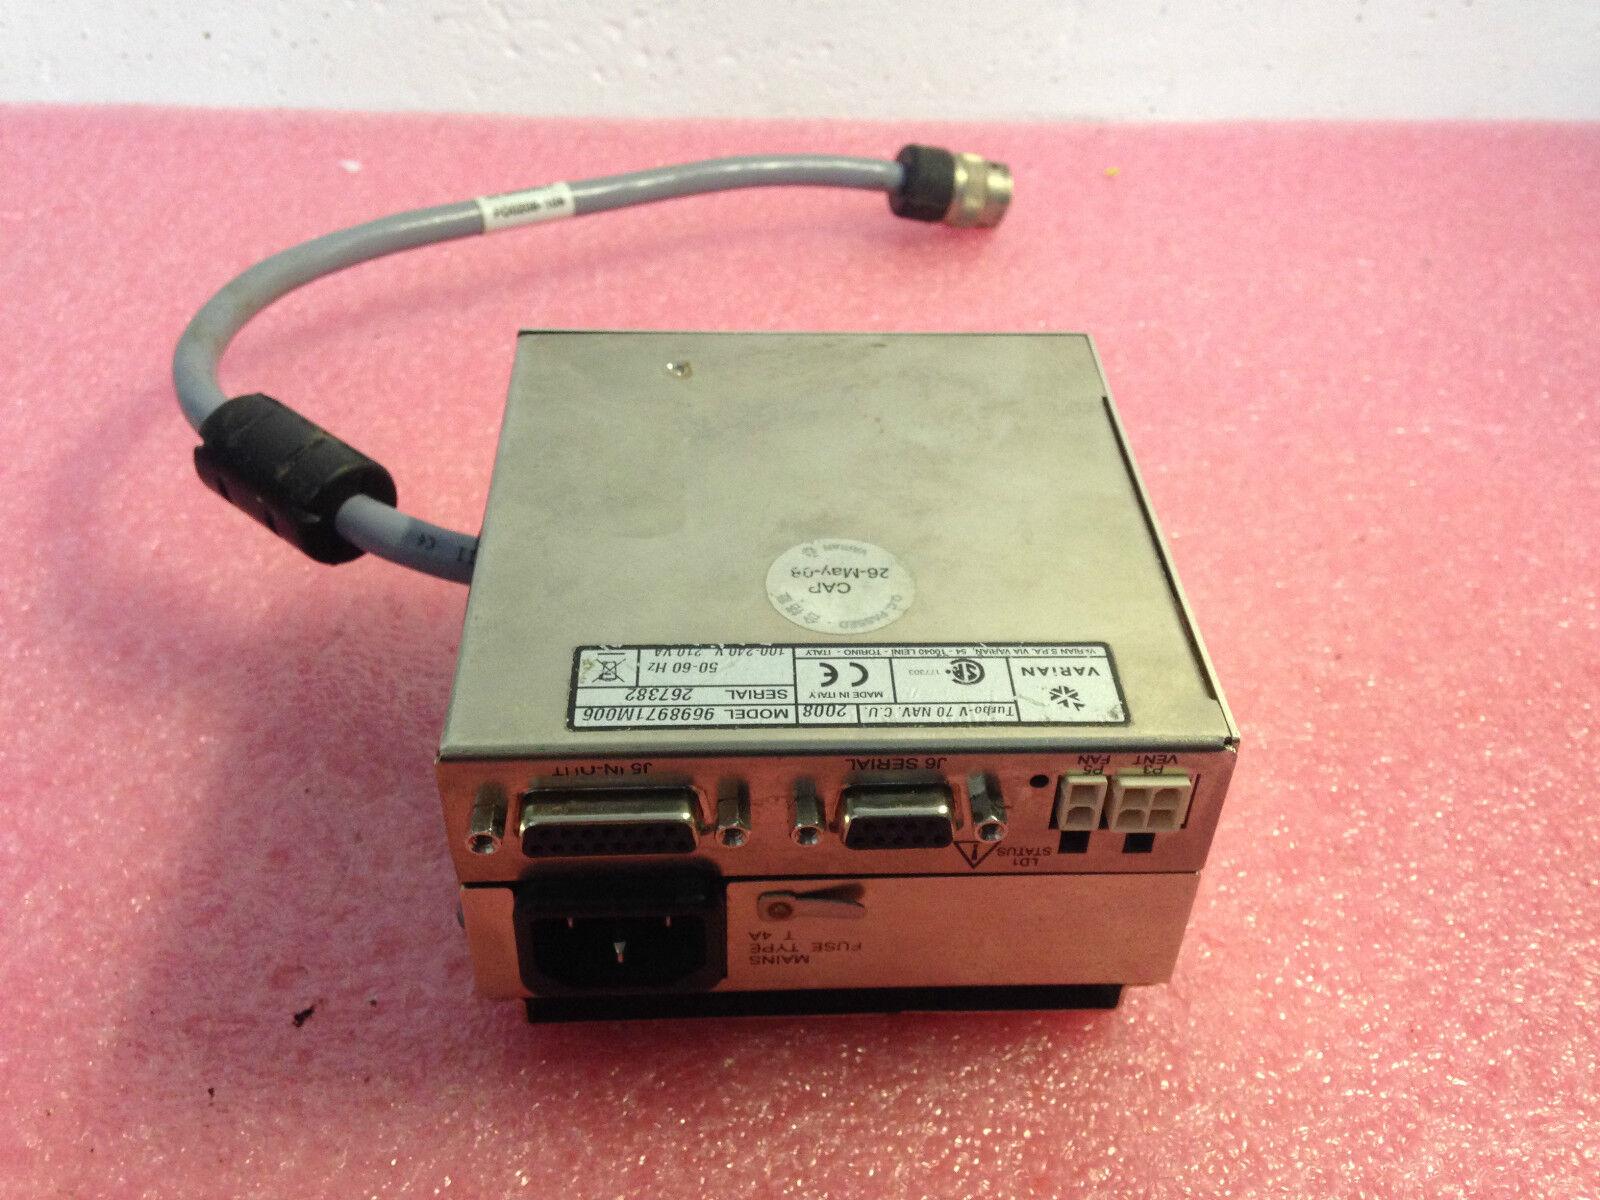 VARIAN TURBO V 70 NAV C.U MODELL 9698971M006 KONTROLLER